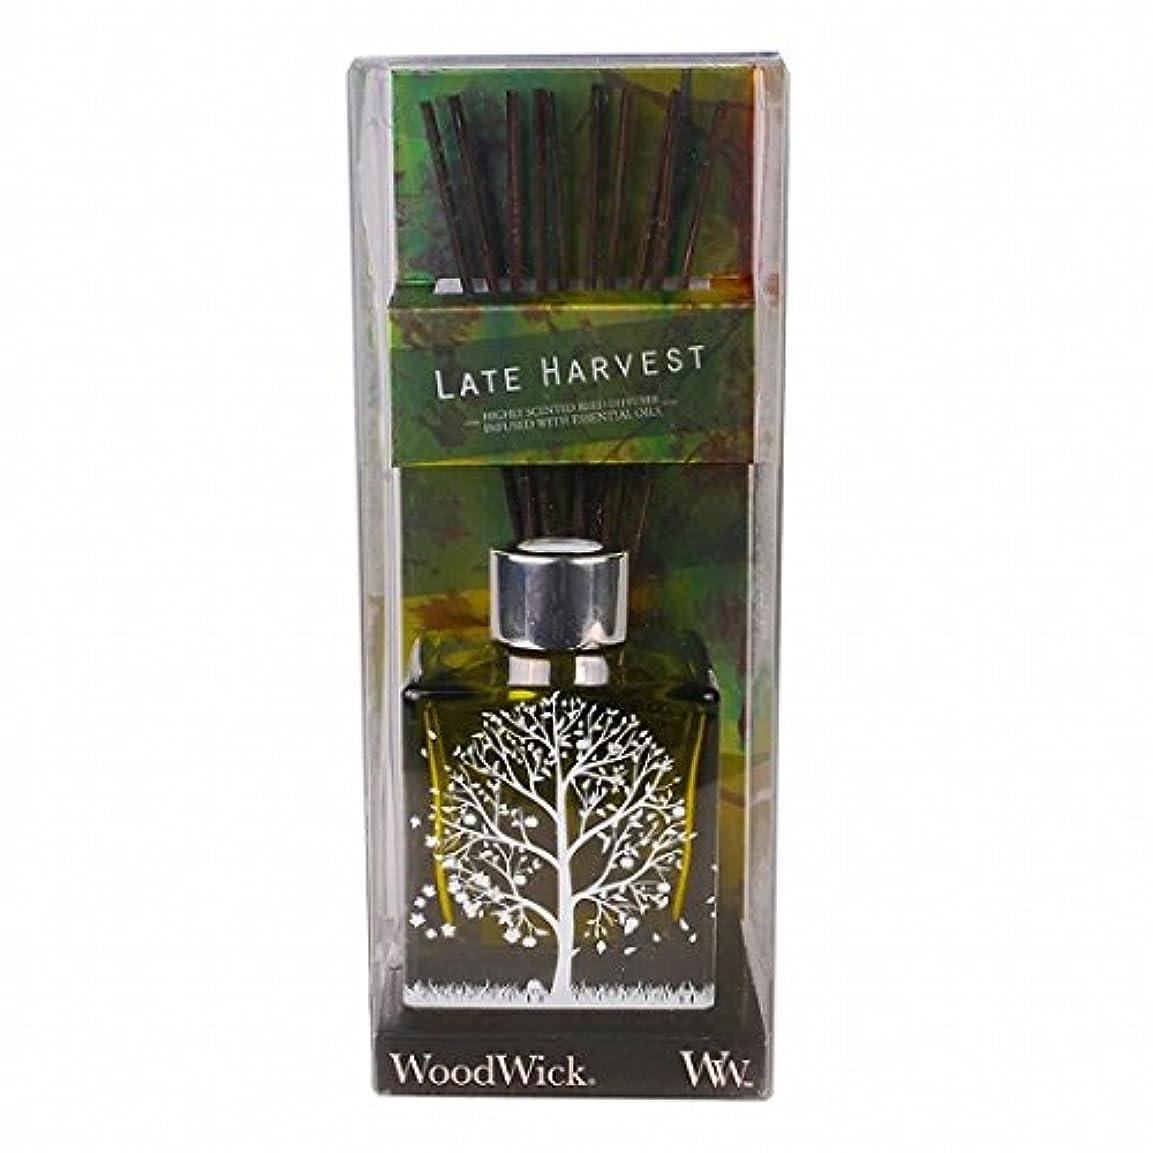 ウッドウィック(WoodWick) Wood Wickダンシンググラスリードディフューザー 「 レイトハーベスト 」